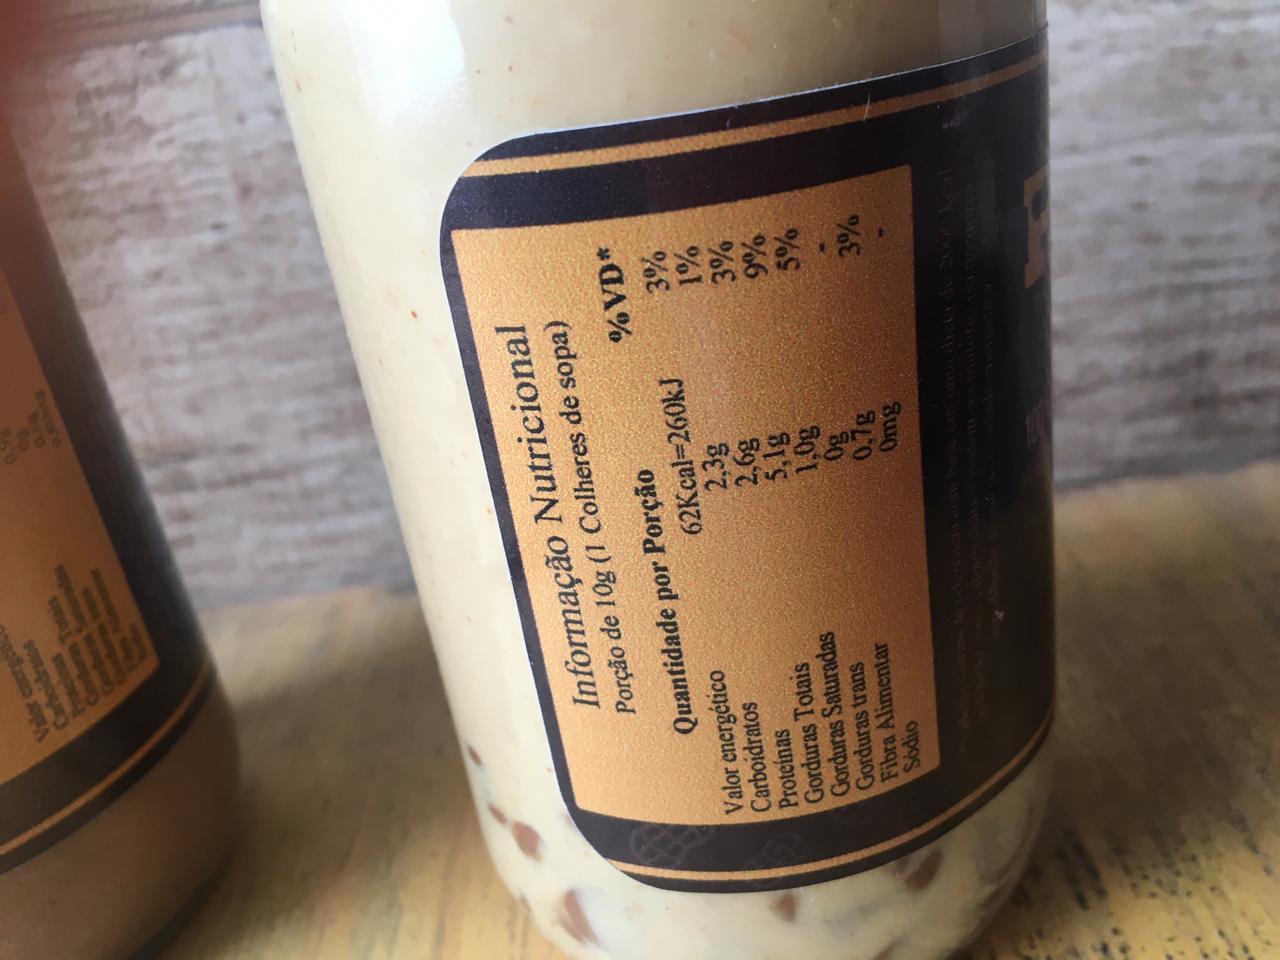 Pasta de Amendoim gotas de chocolate 350g - Peanuteria